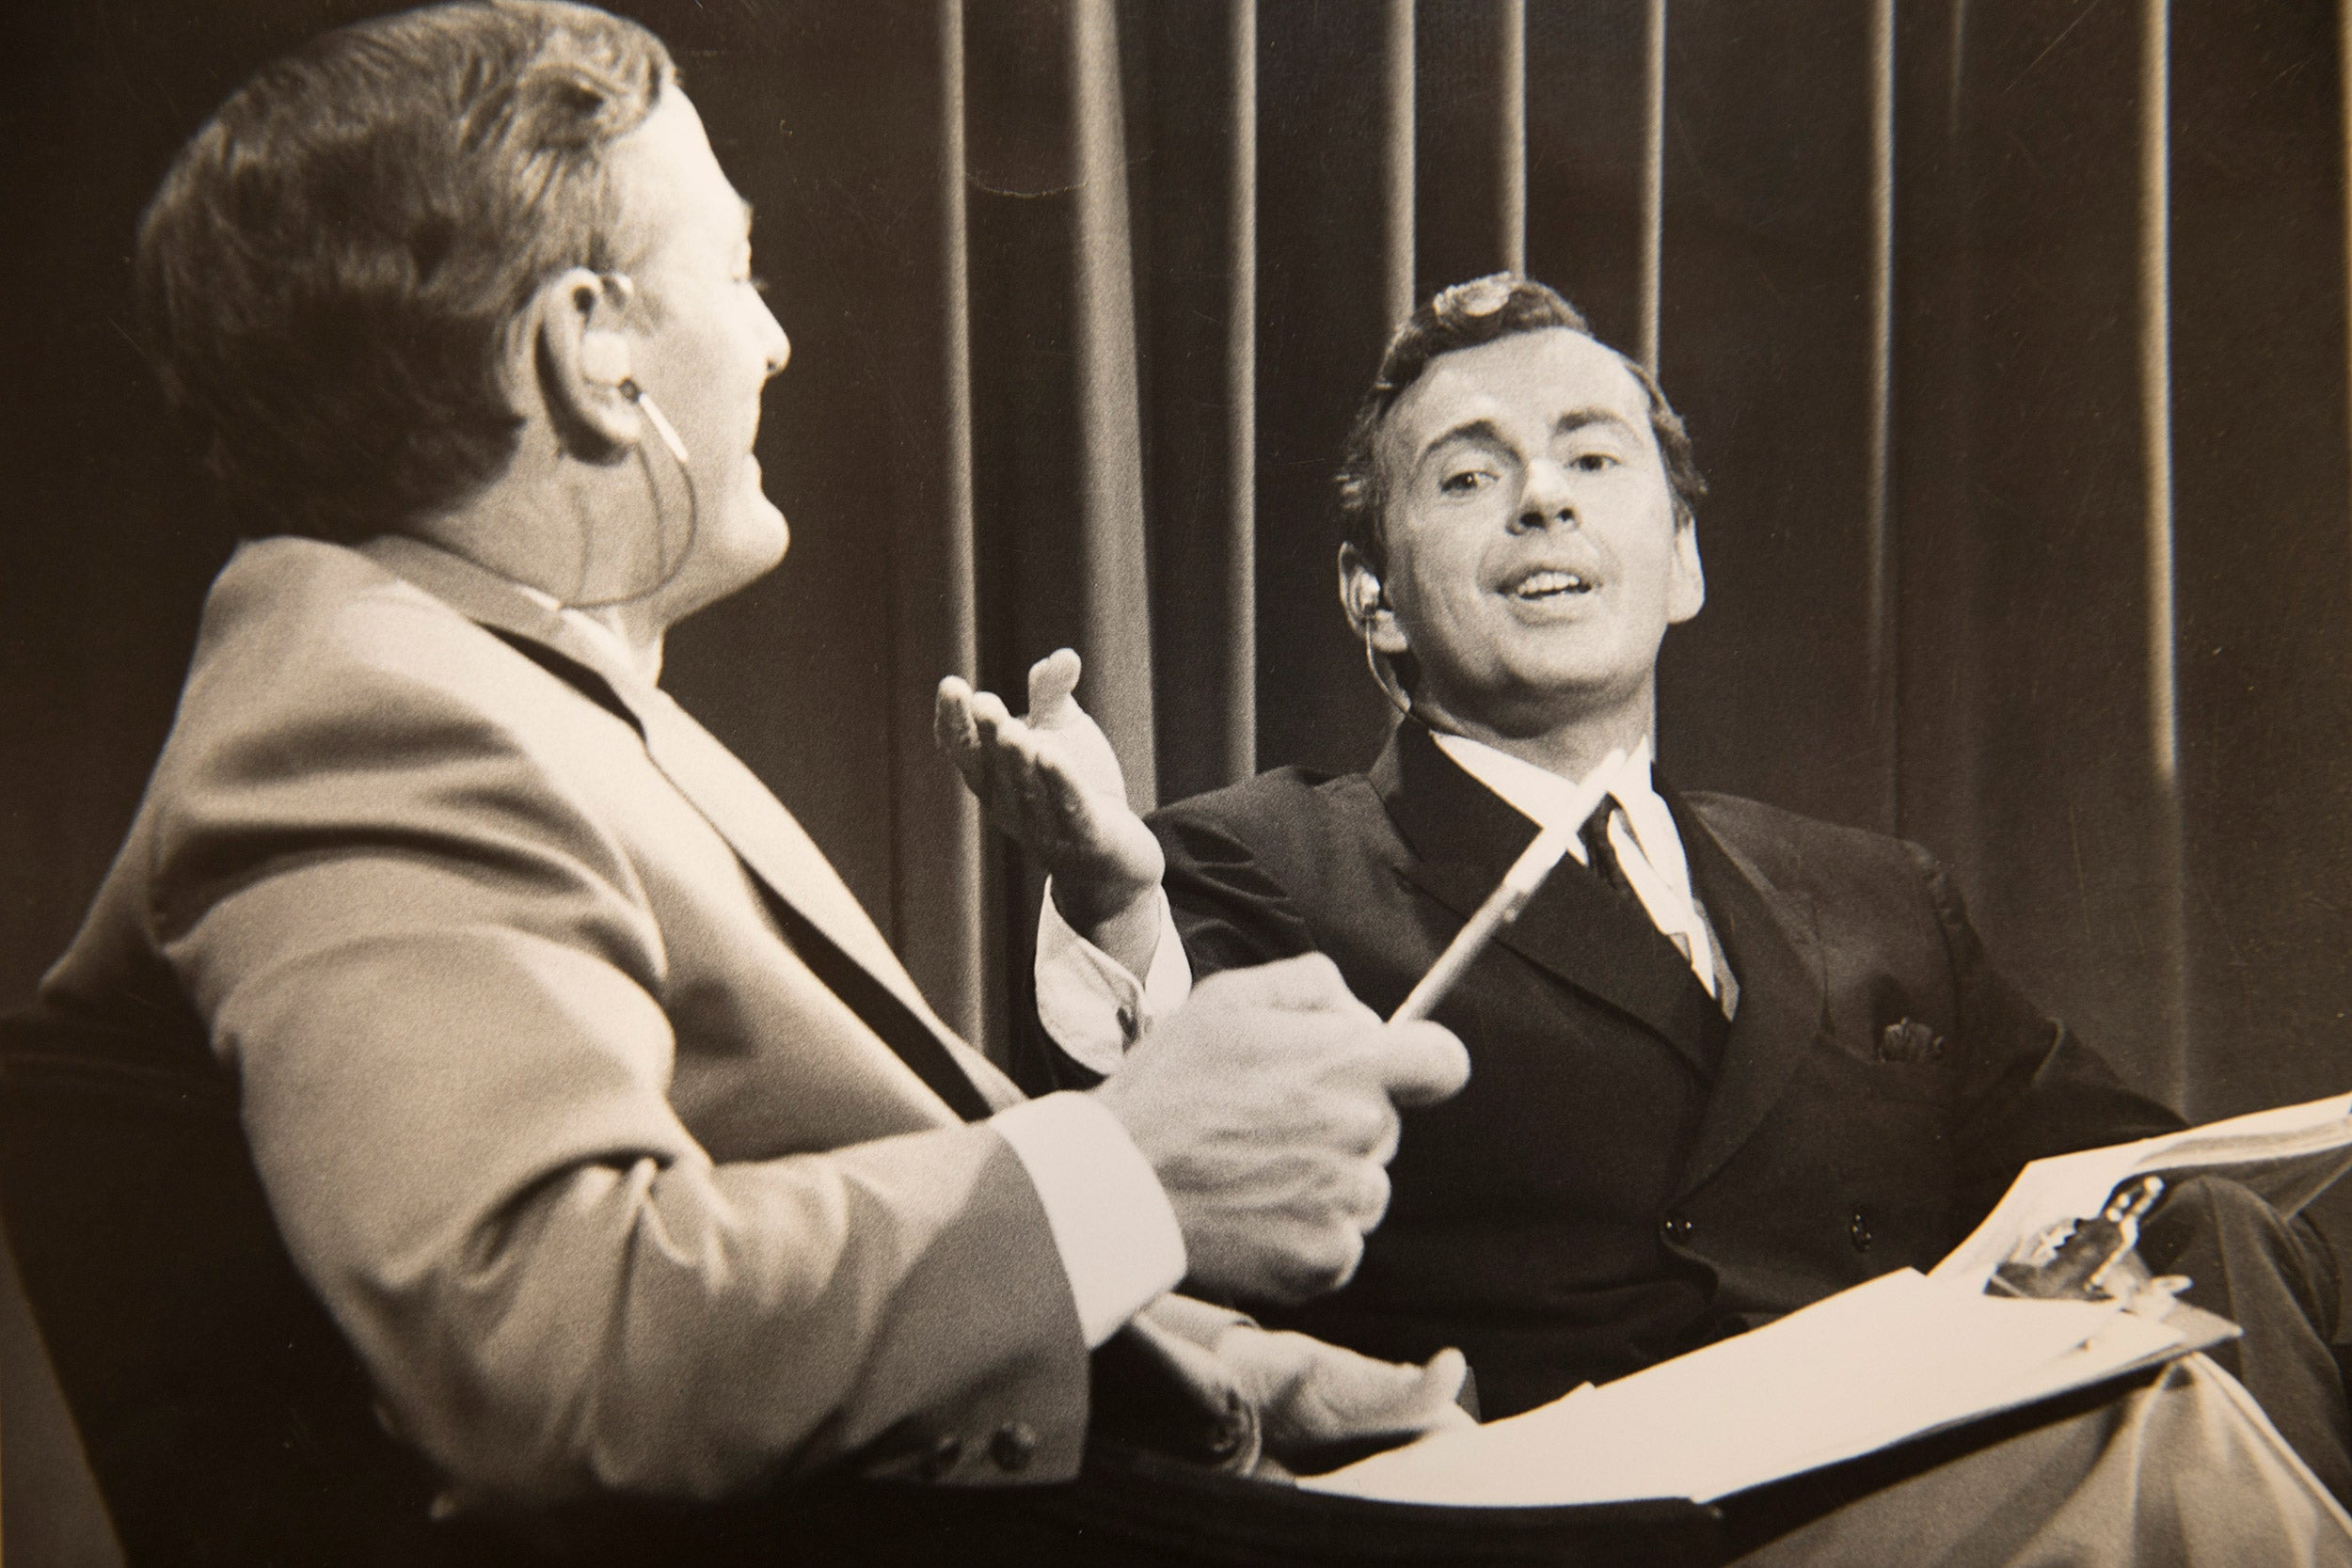 William F. Buckley Jr. and Gore Vidal debate.